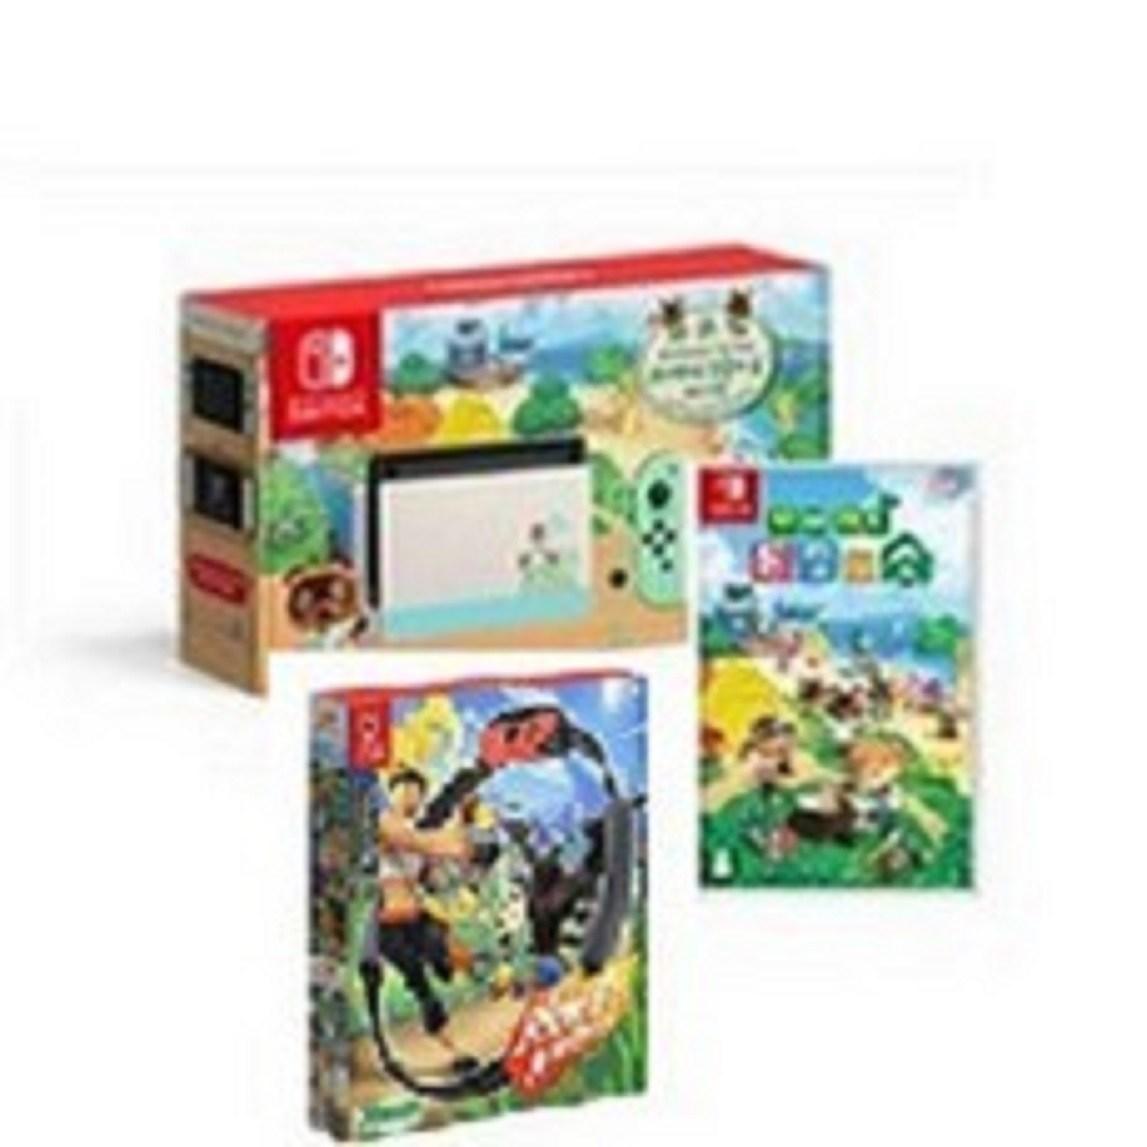 닌텐도 스위치 (HAD) 본체 동물의 숲 에디션 + 동물의숲 타이틀 링피트 제품 포함